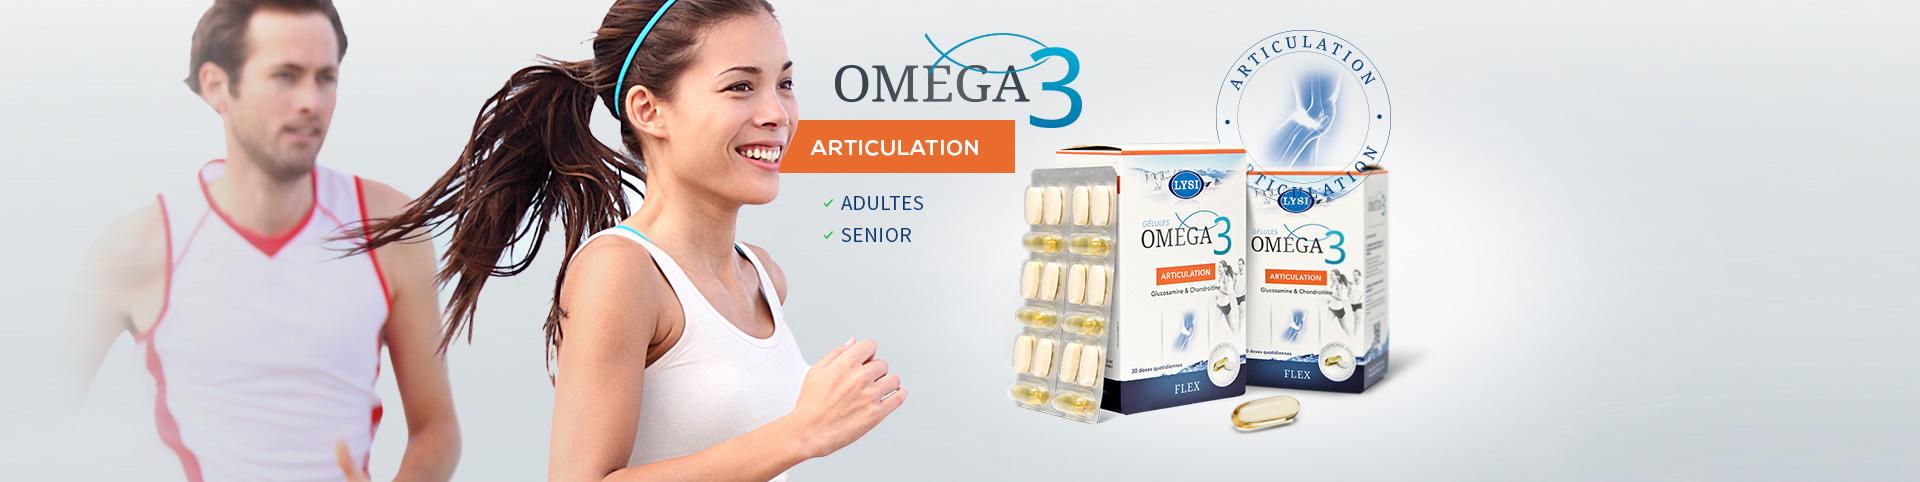 Protégez et renforcez vos articulations avec les compléments alimentaires riches en omega 3 et vitamine C